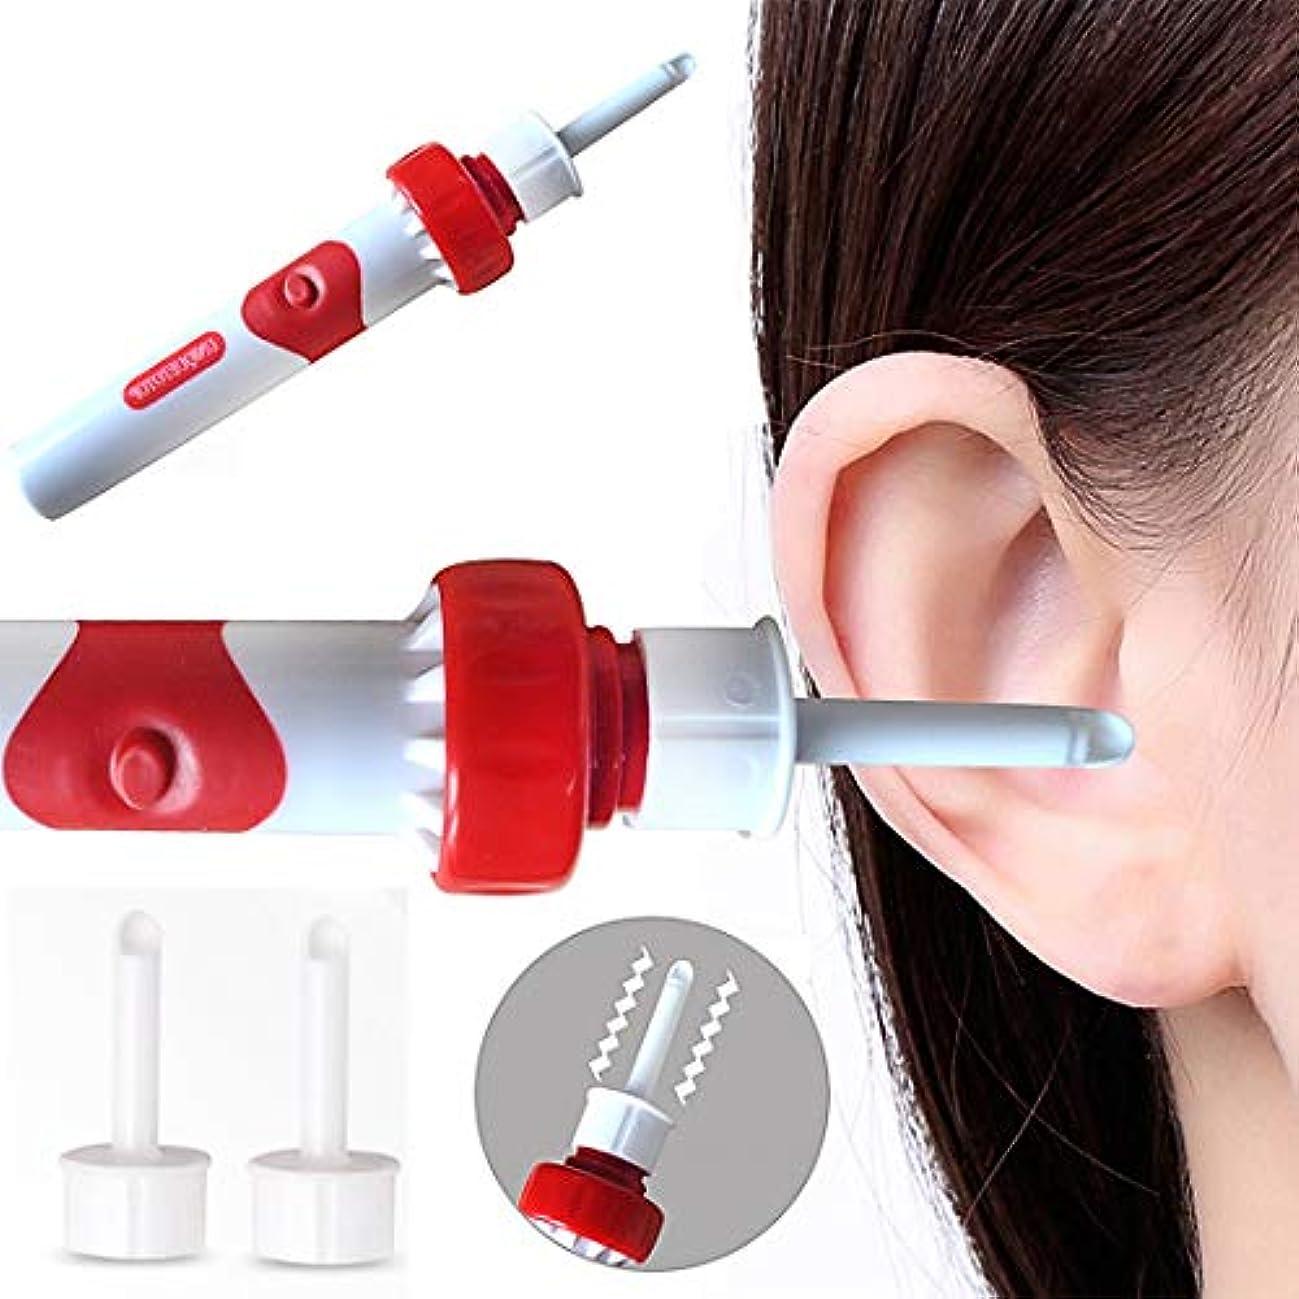 チャーターポーター増幅する耳かき 耳すっきりクリーナー 耳のお掃除 耳のケア 耳かき ポケットイヤークリーナー